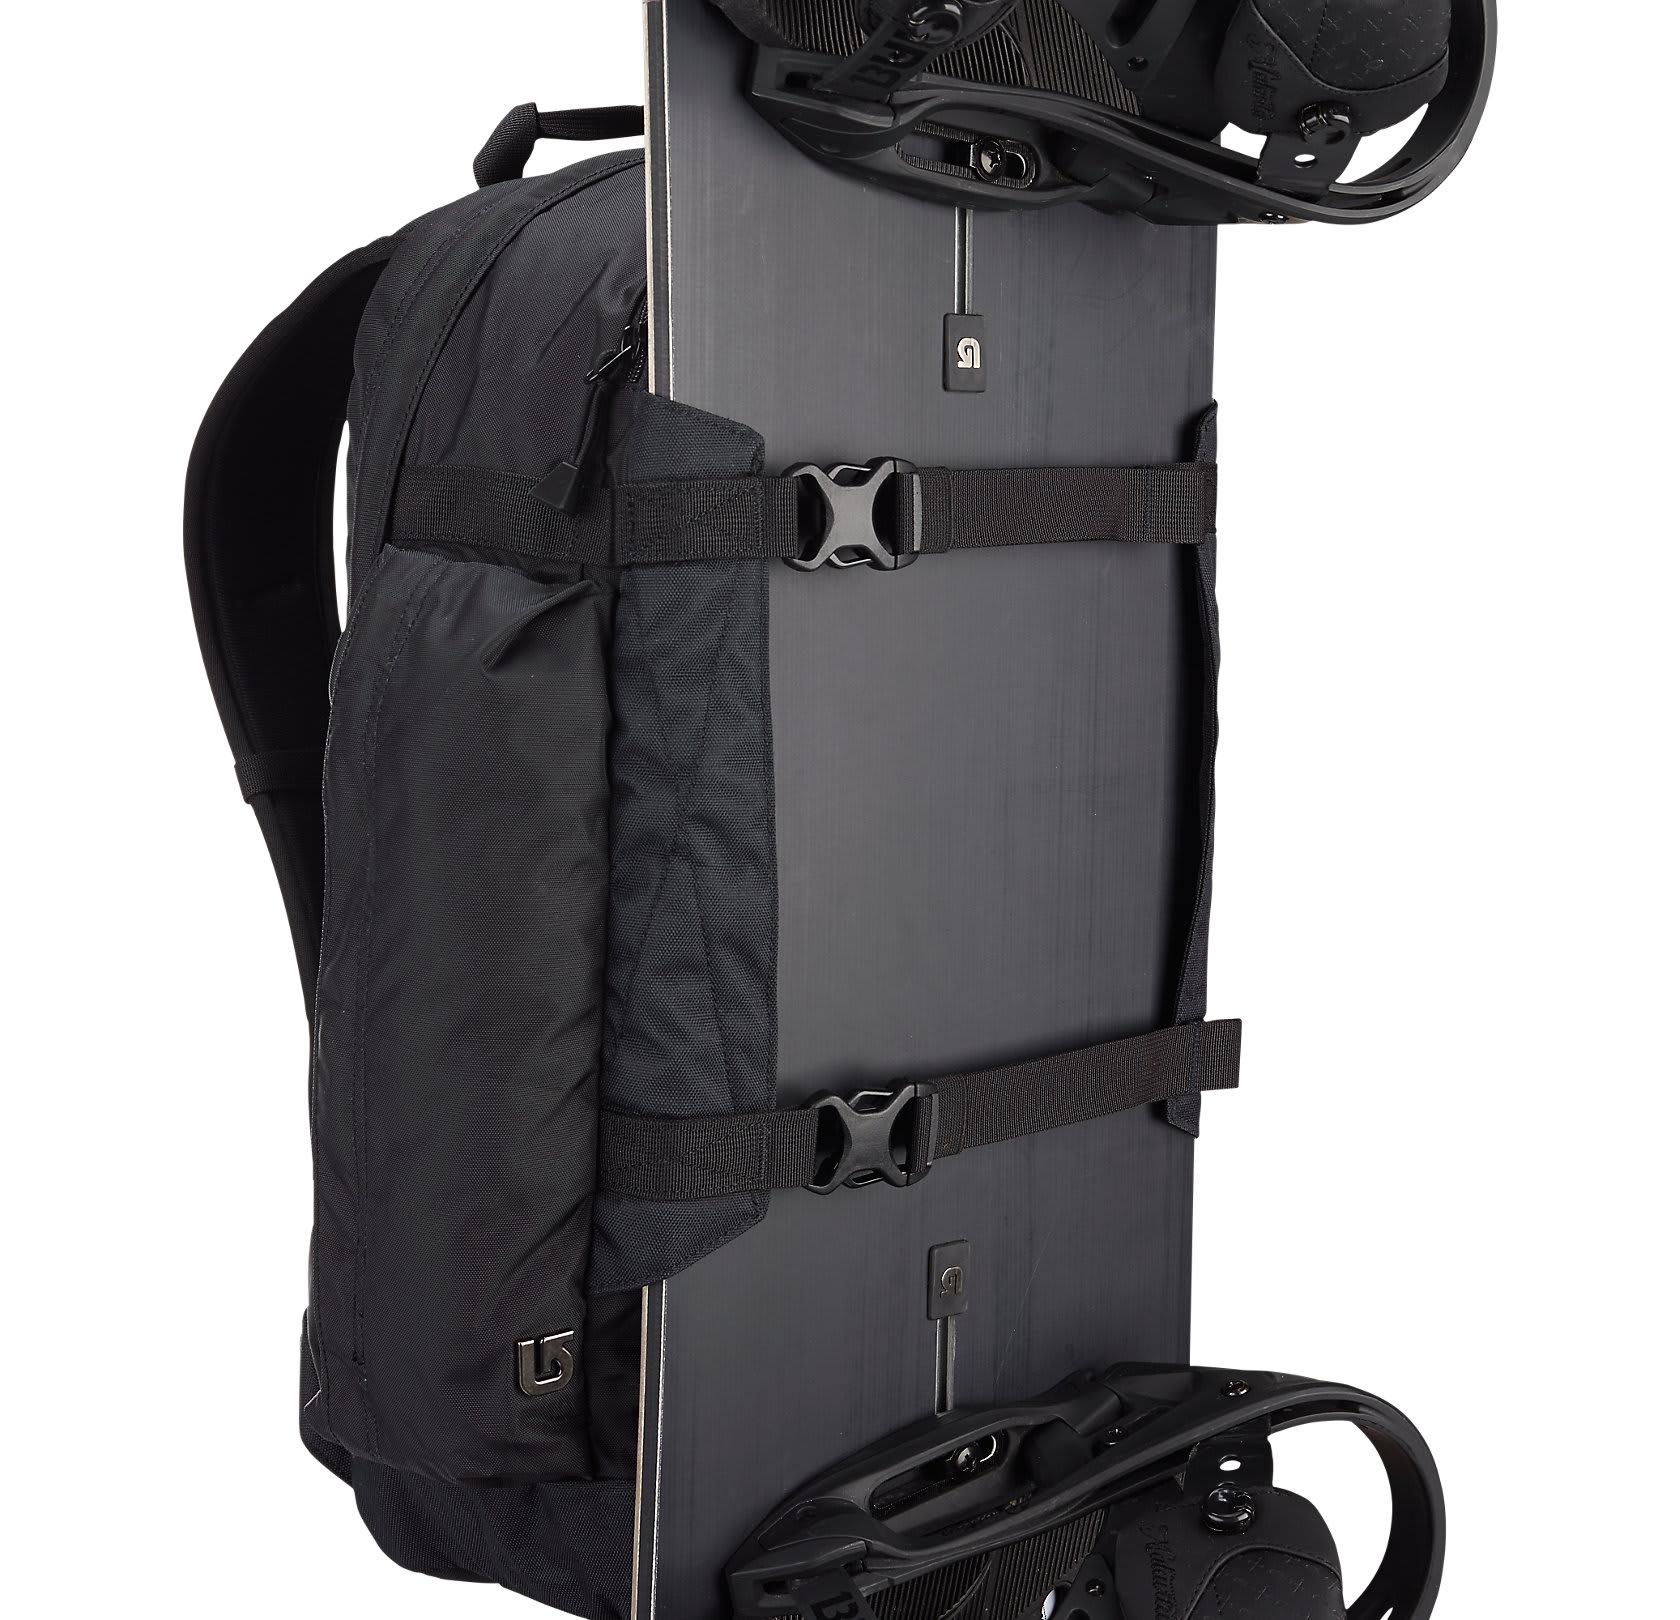 6c3ed79730217 Burton Day Hiker 25L Backpack - thumbnail 2